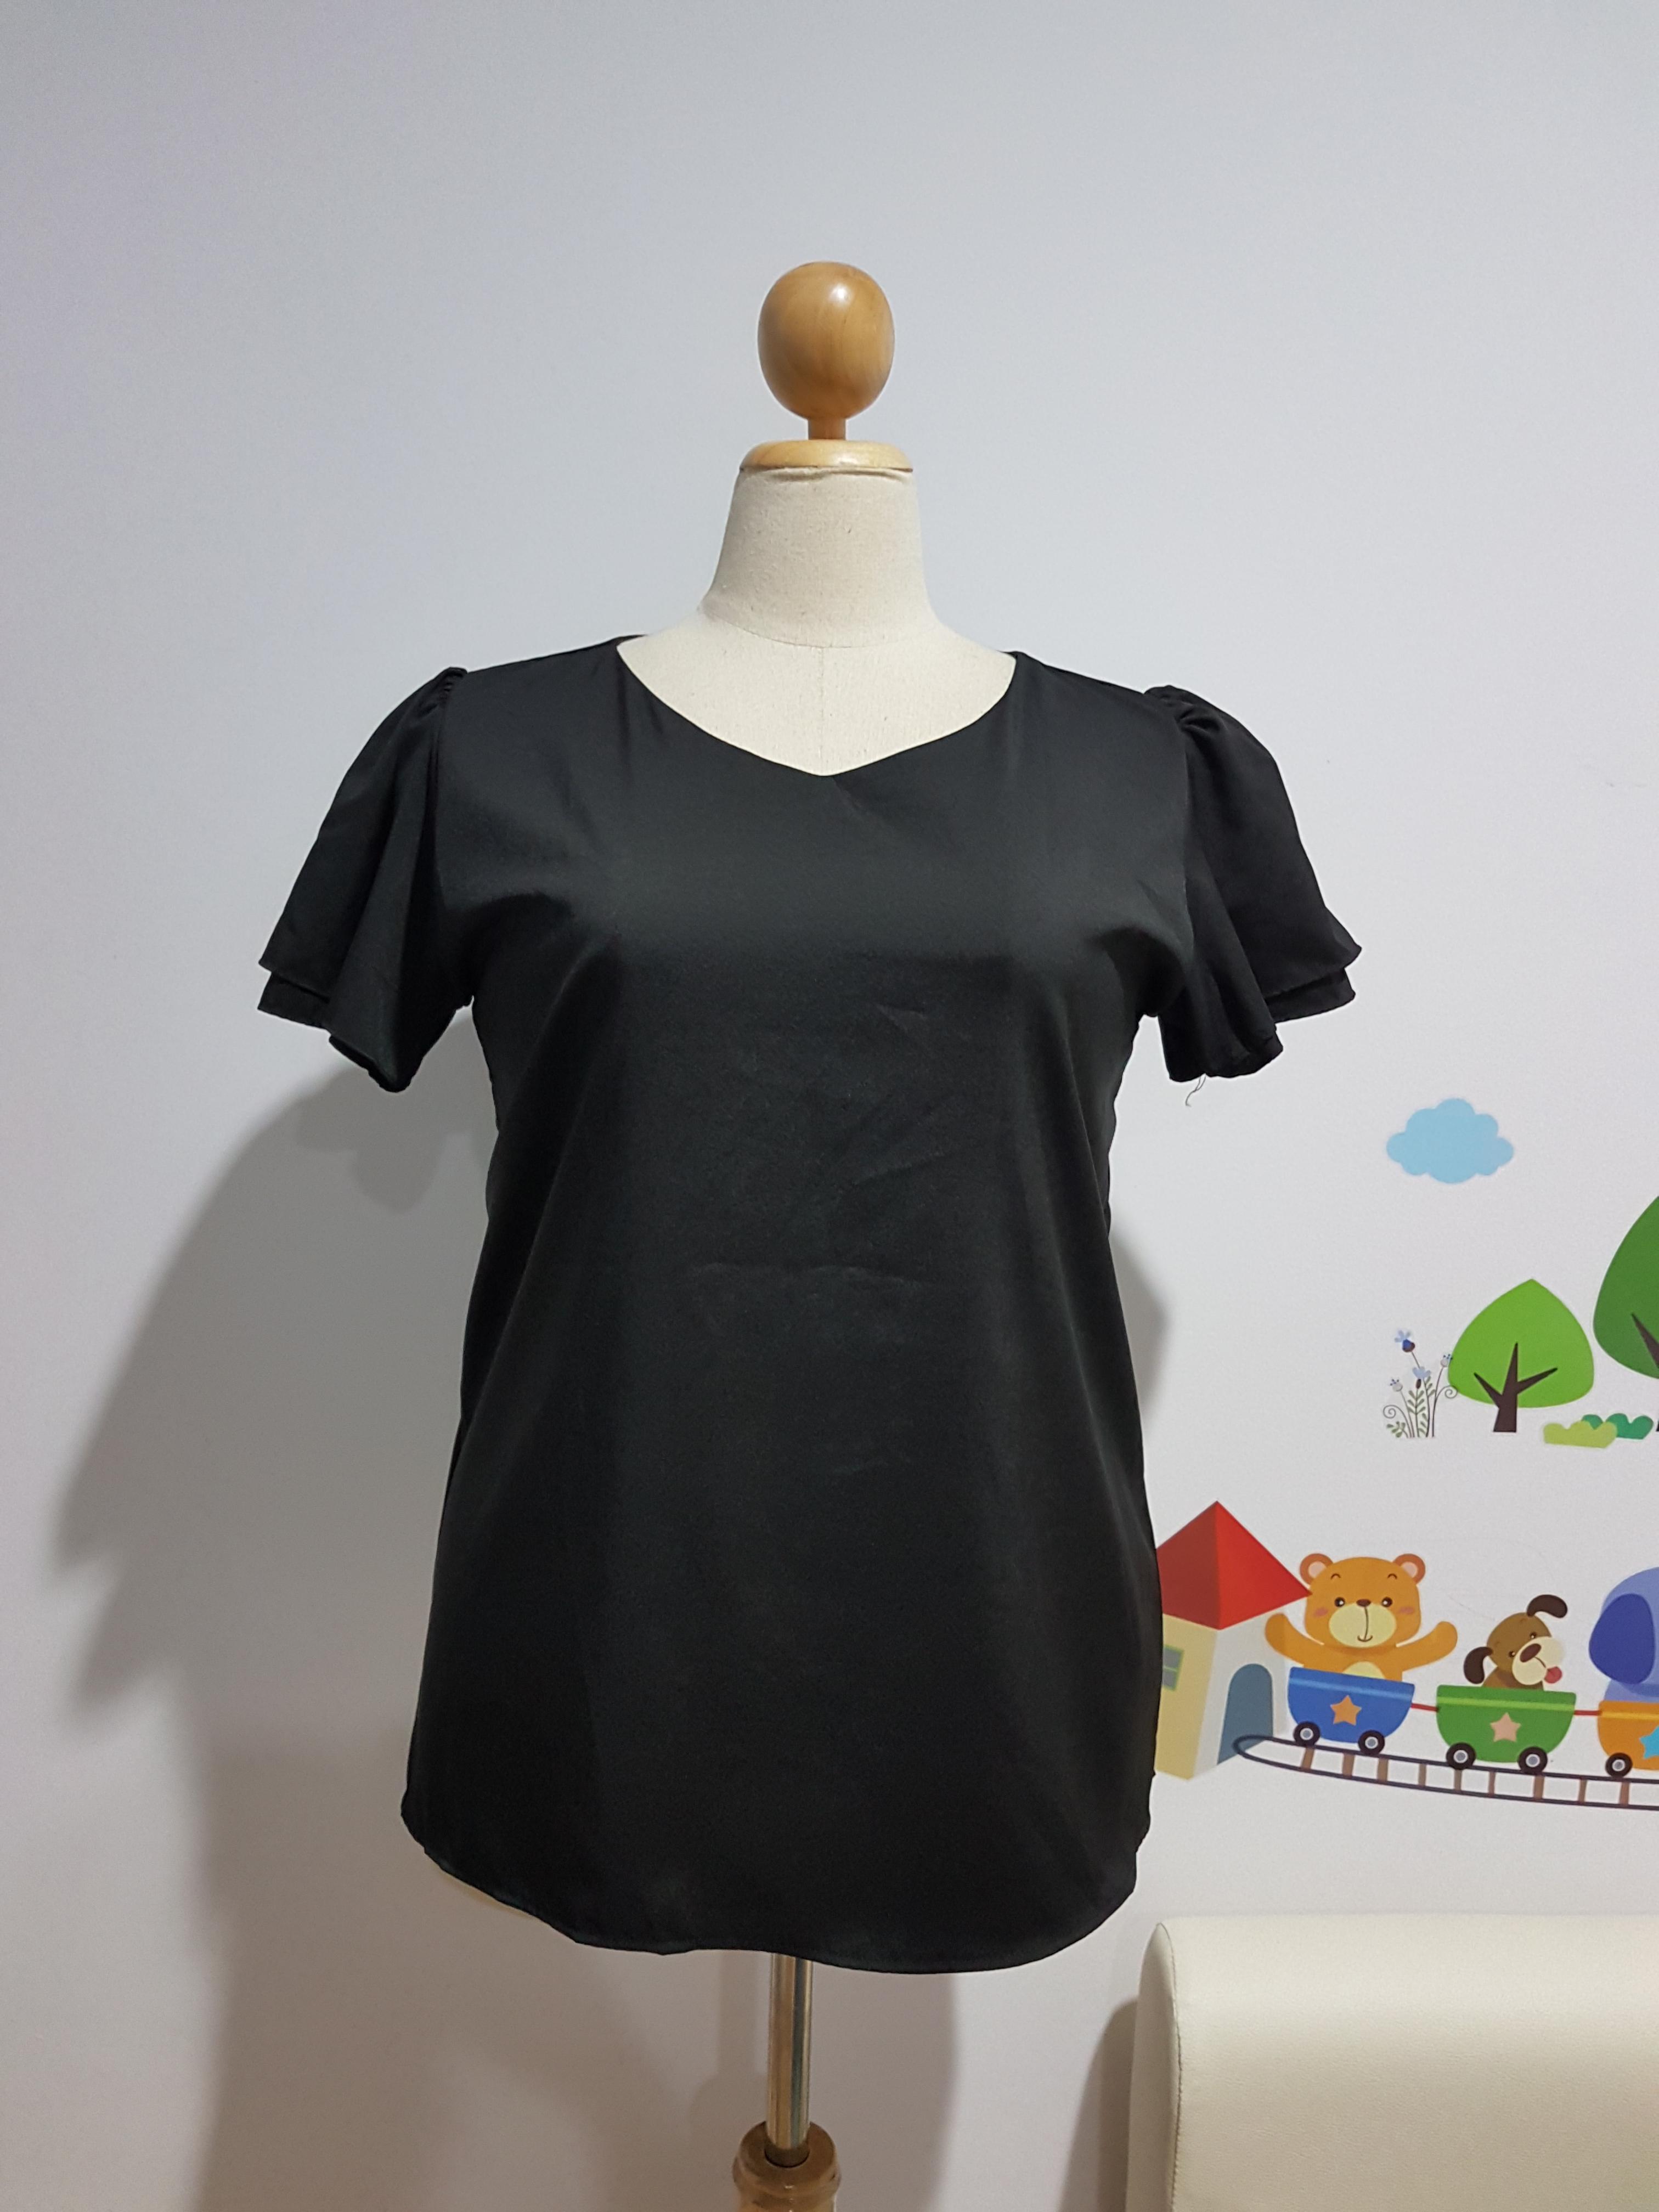 เสื้อ ผ้าไหมอิตาลี คอวี สีดำ อก 48 นิ้ว